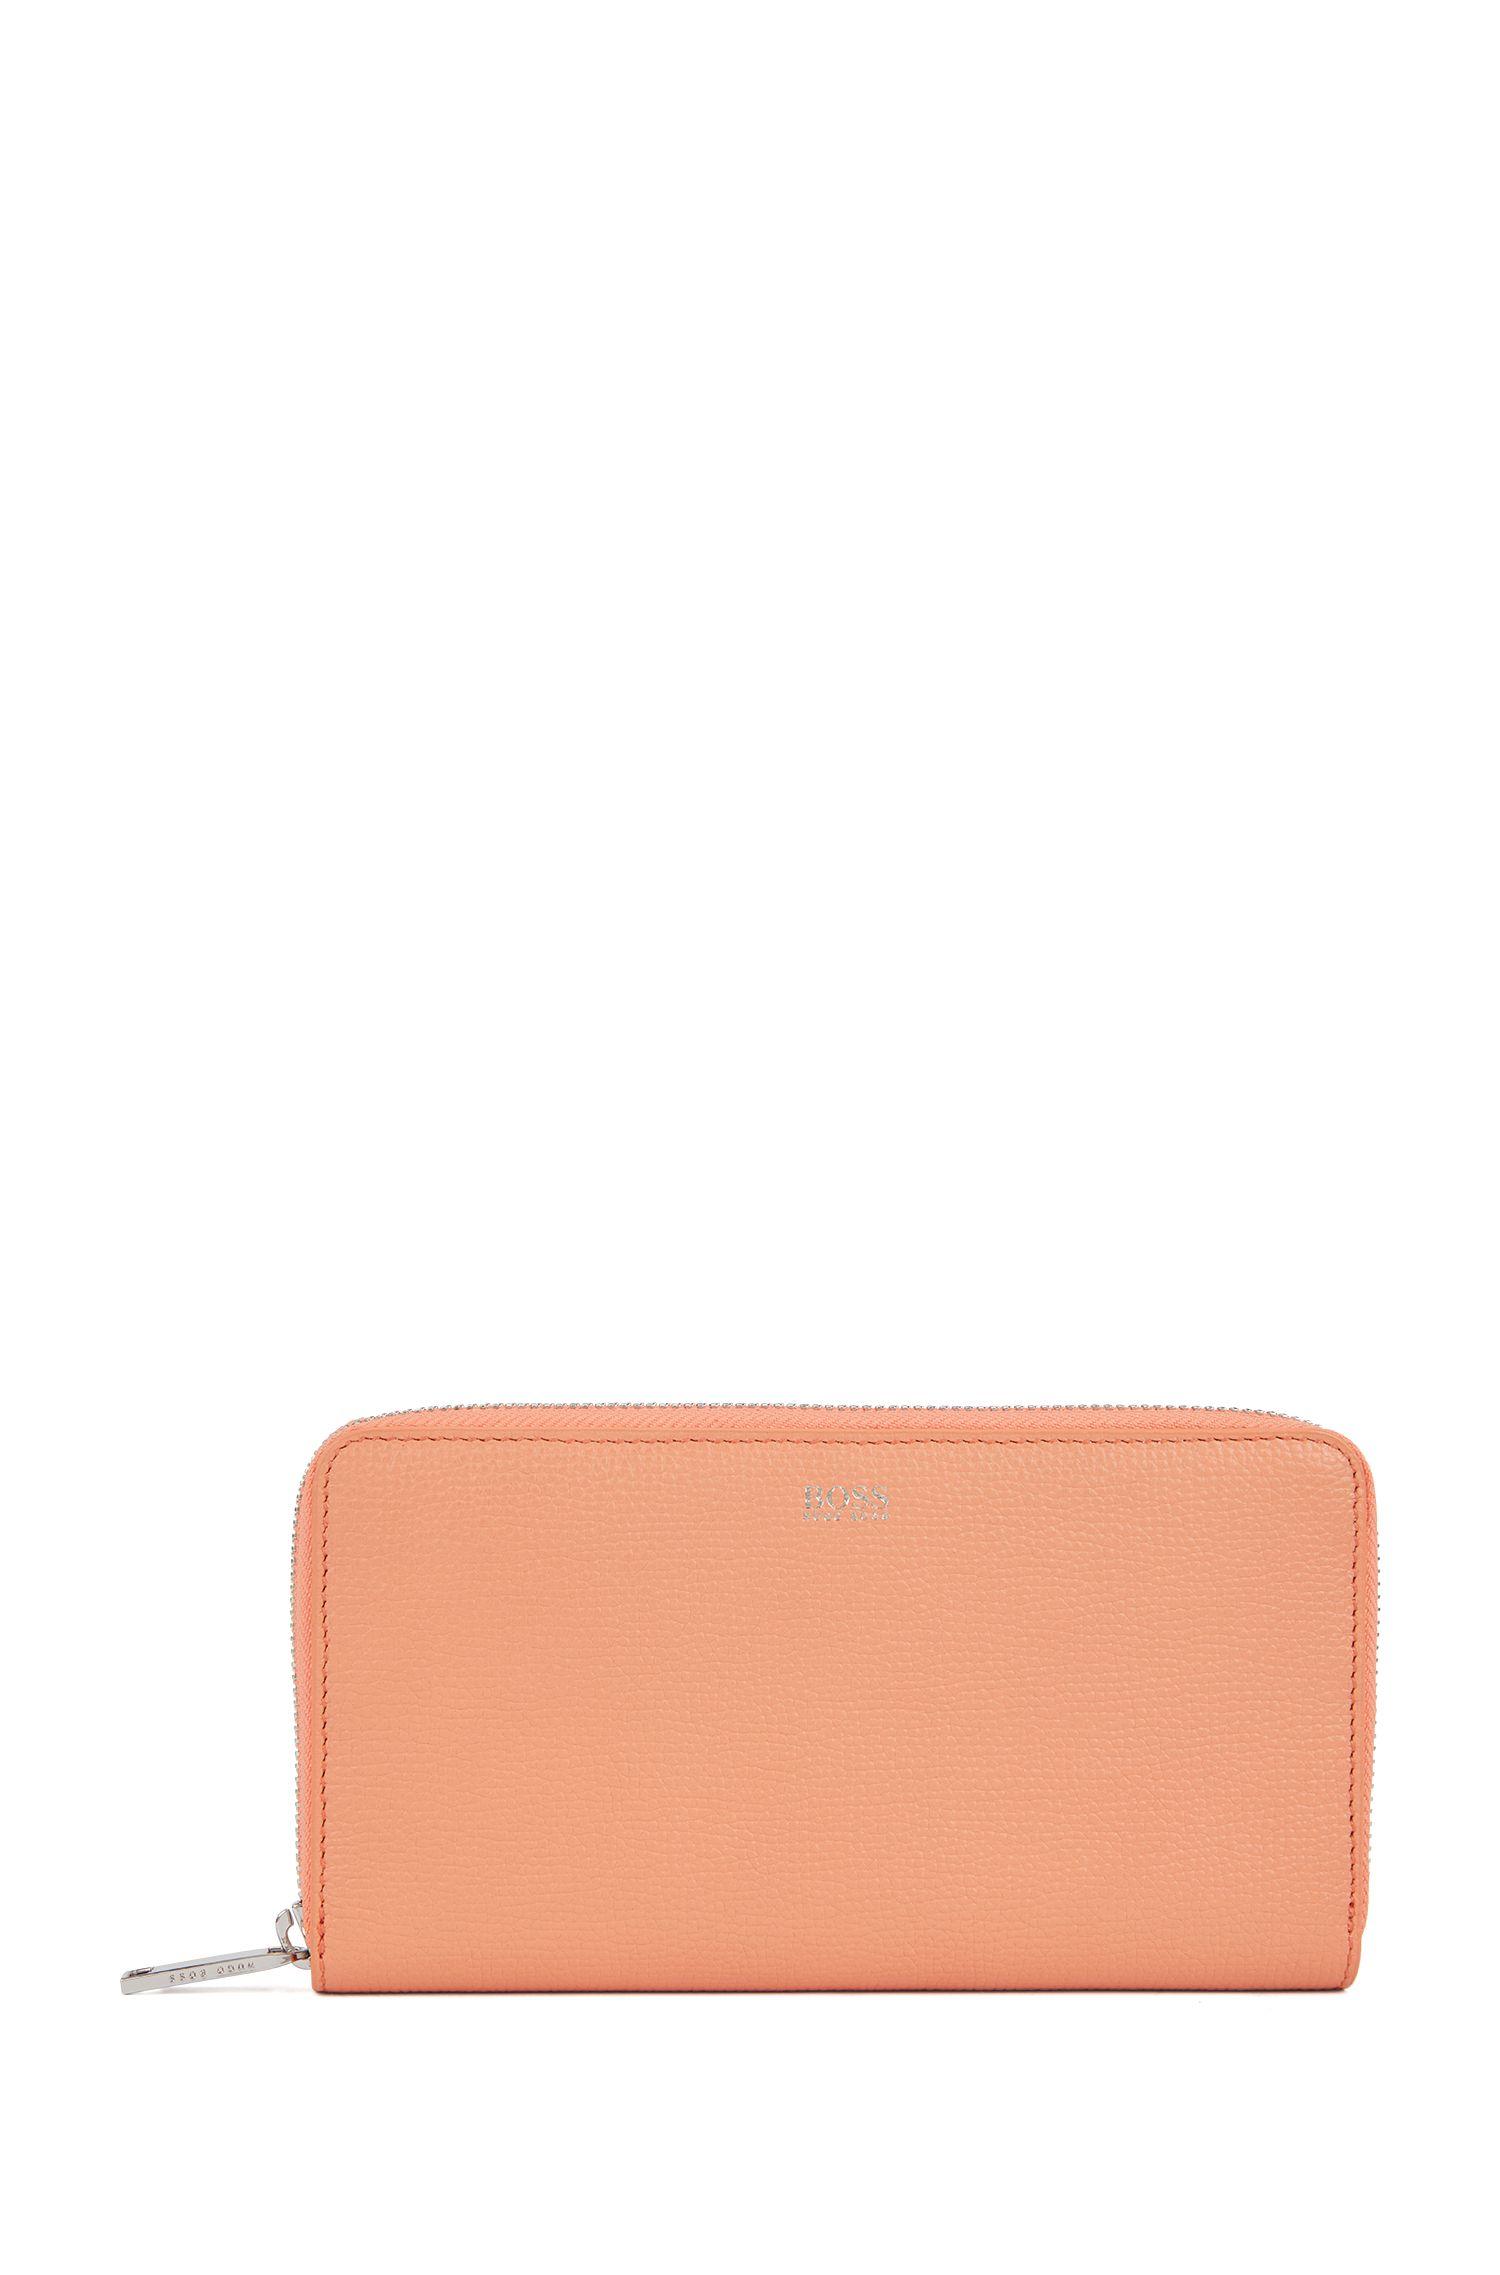 Geldbörse aus genarbtem Leder mit Reißverschluss, Orange